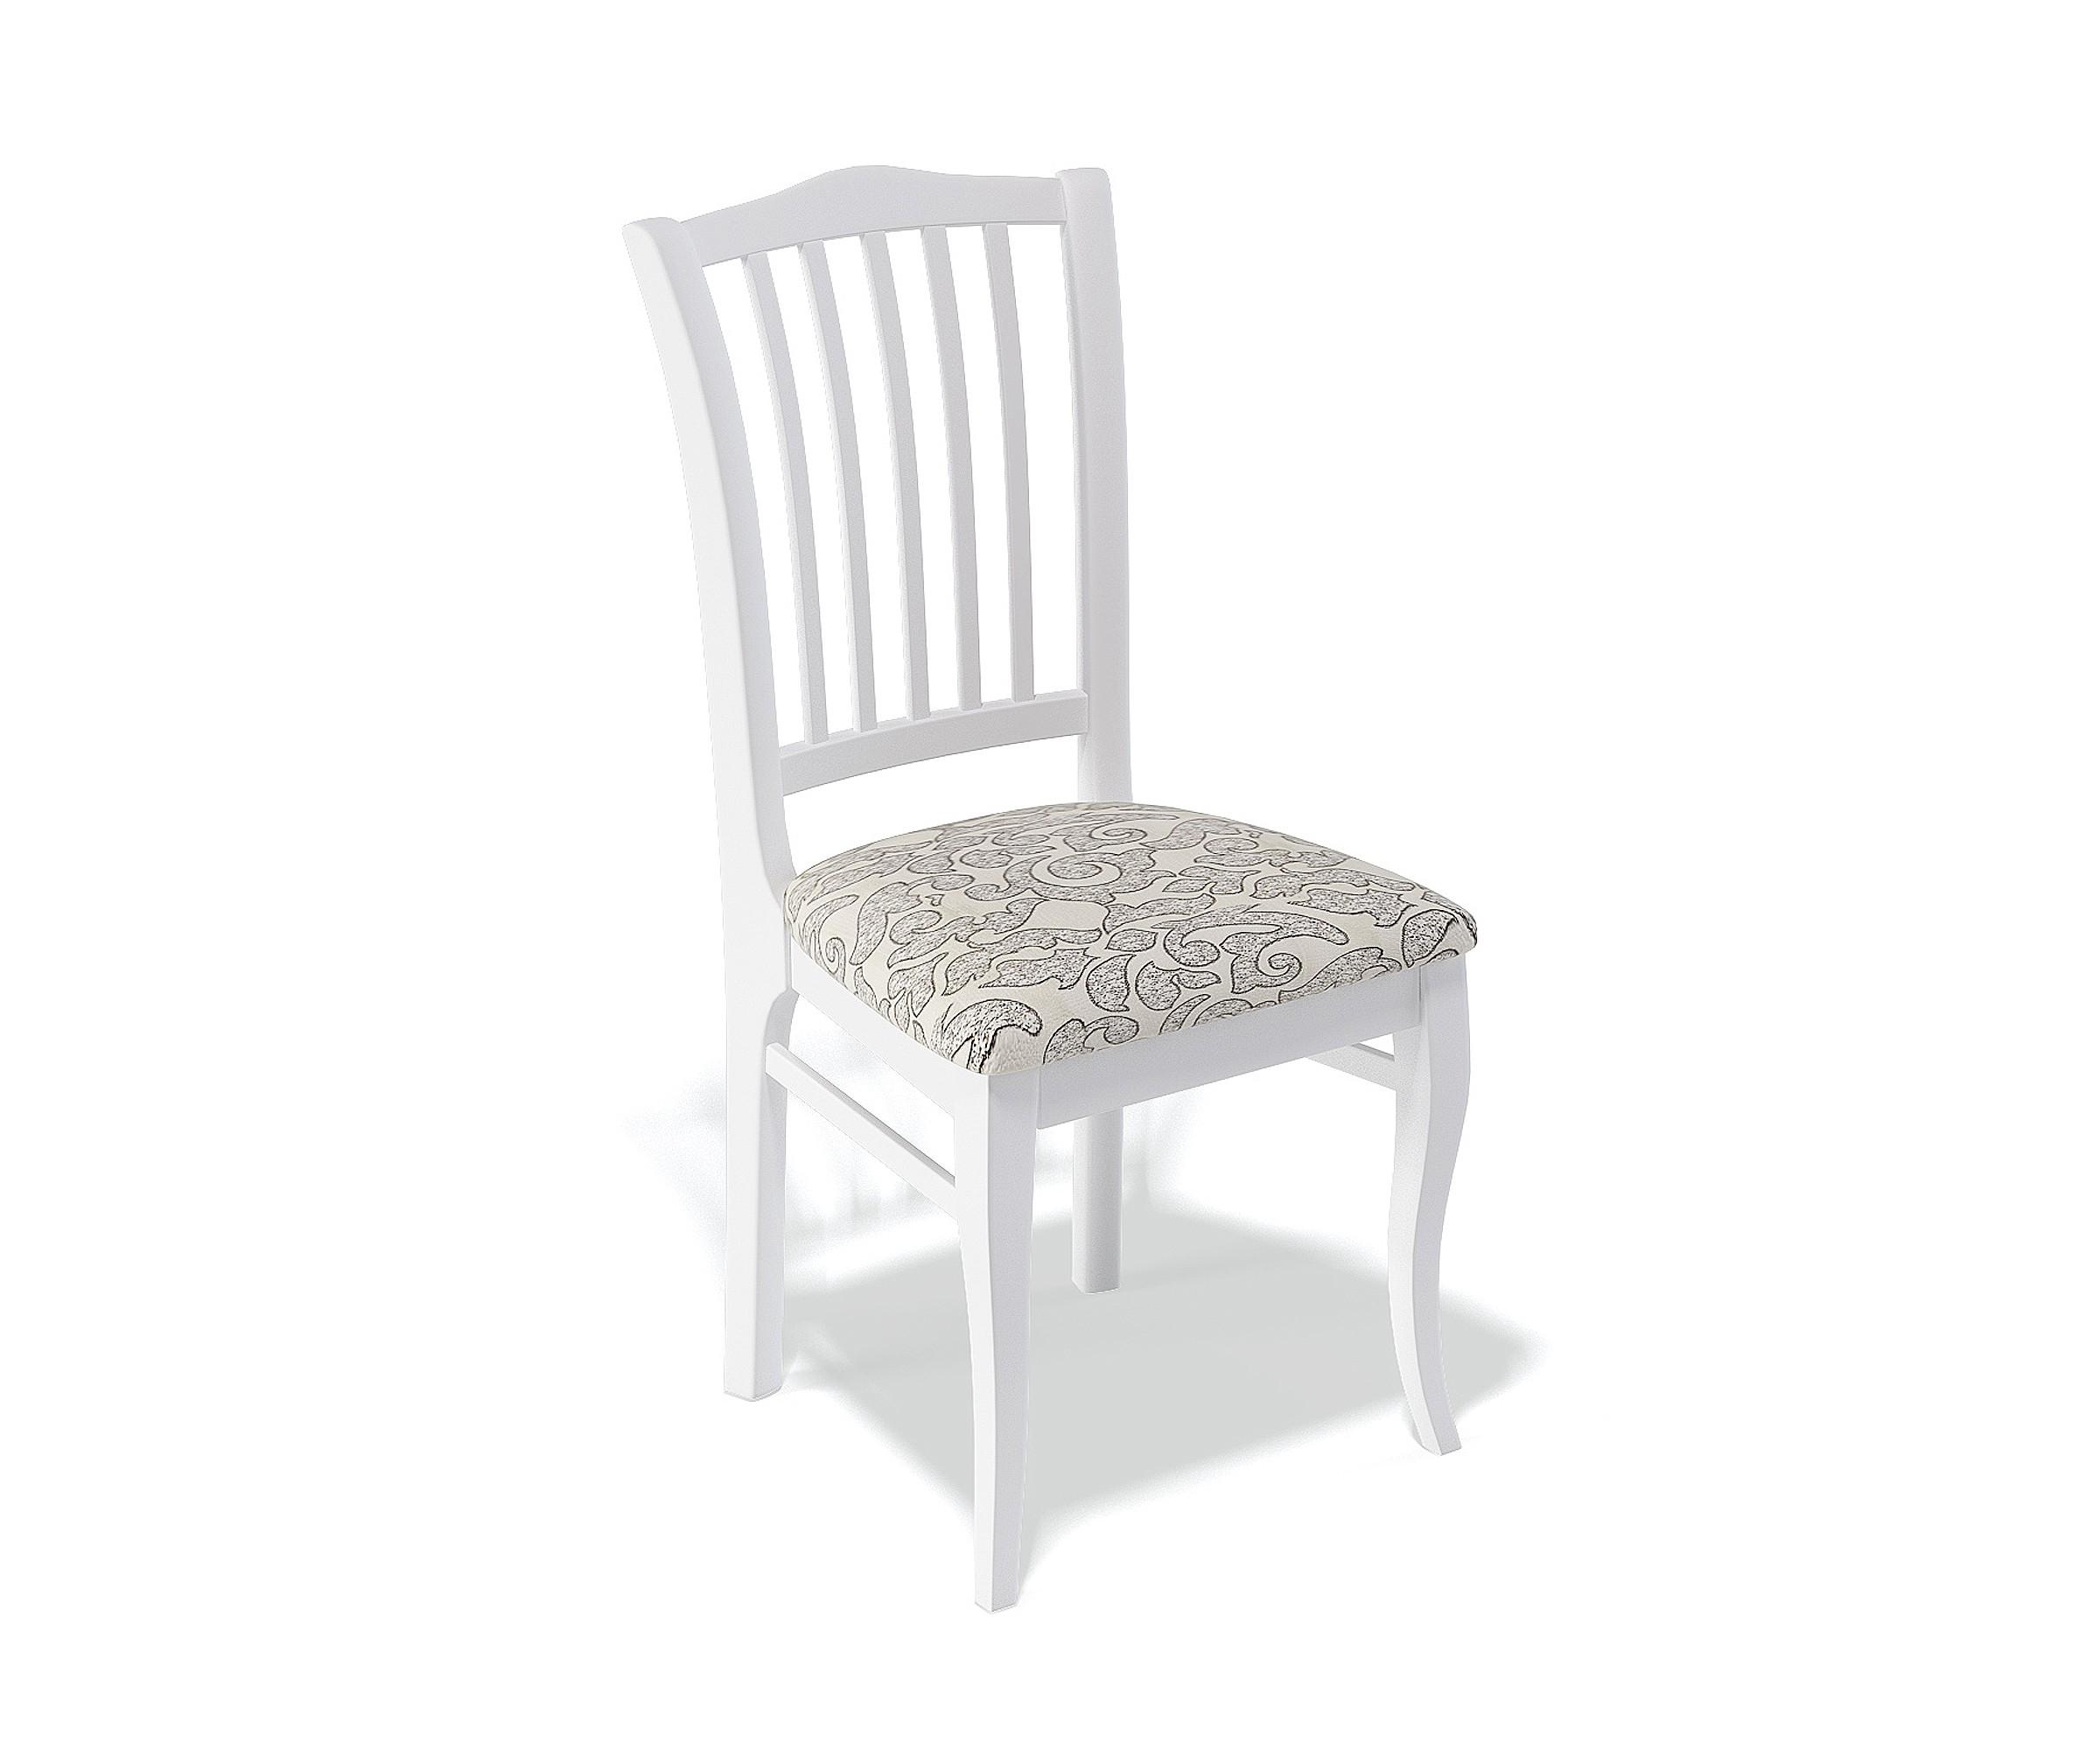 Стул KennerОбеденные стулья<br>Высота от пола до сиденья 46 см.<br><br>Material: Бук<br>Ширина см: 45<br>Высота см: 91<br>Глубина см: 41